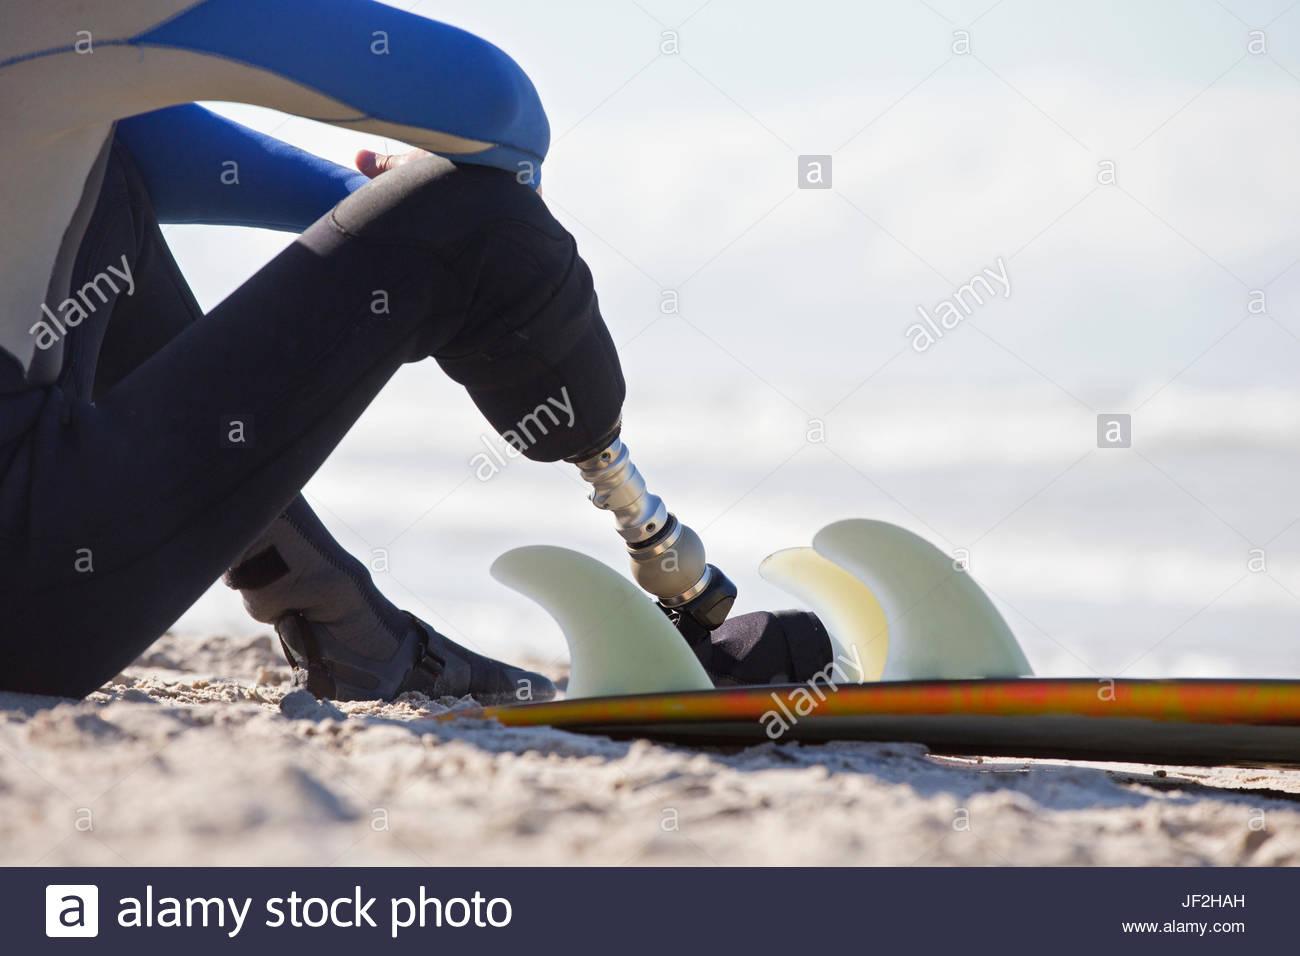 Nahaufnahme von Surfer mit künstlichem Bein sitzen am Strand Stockbild